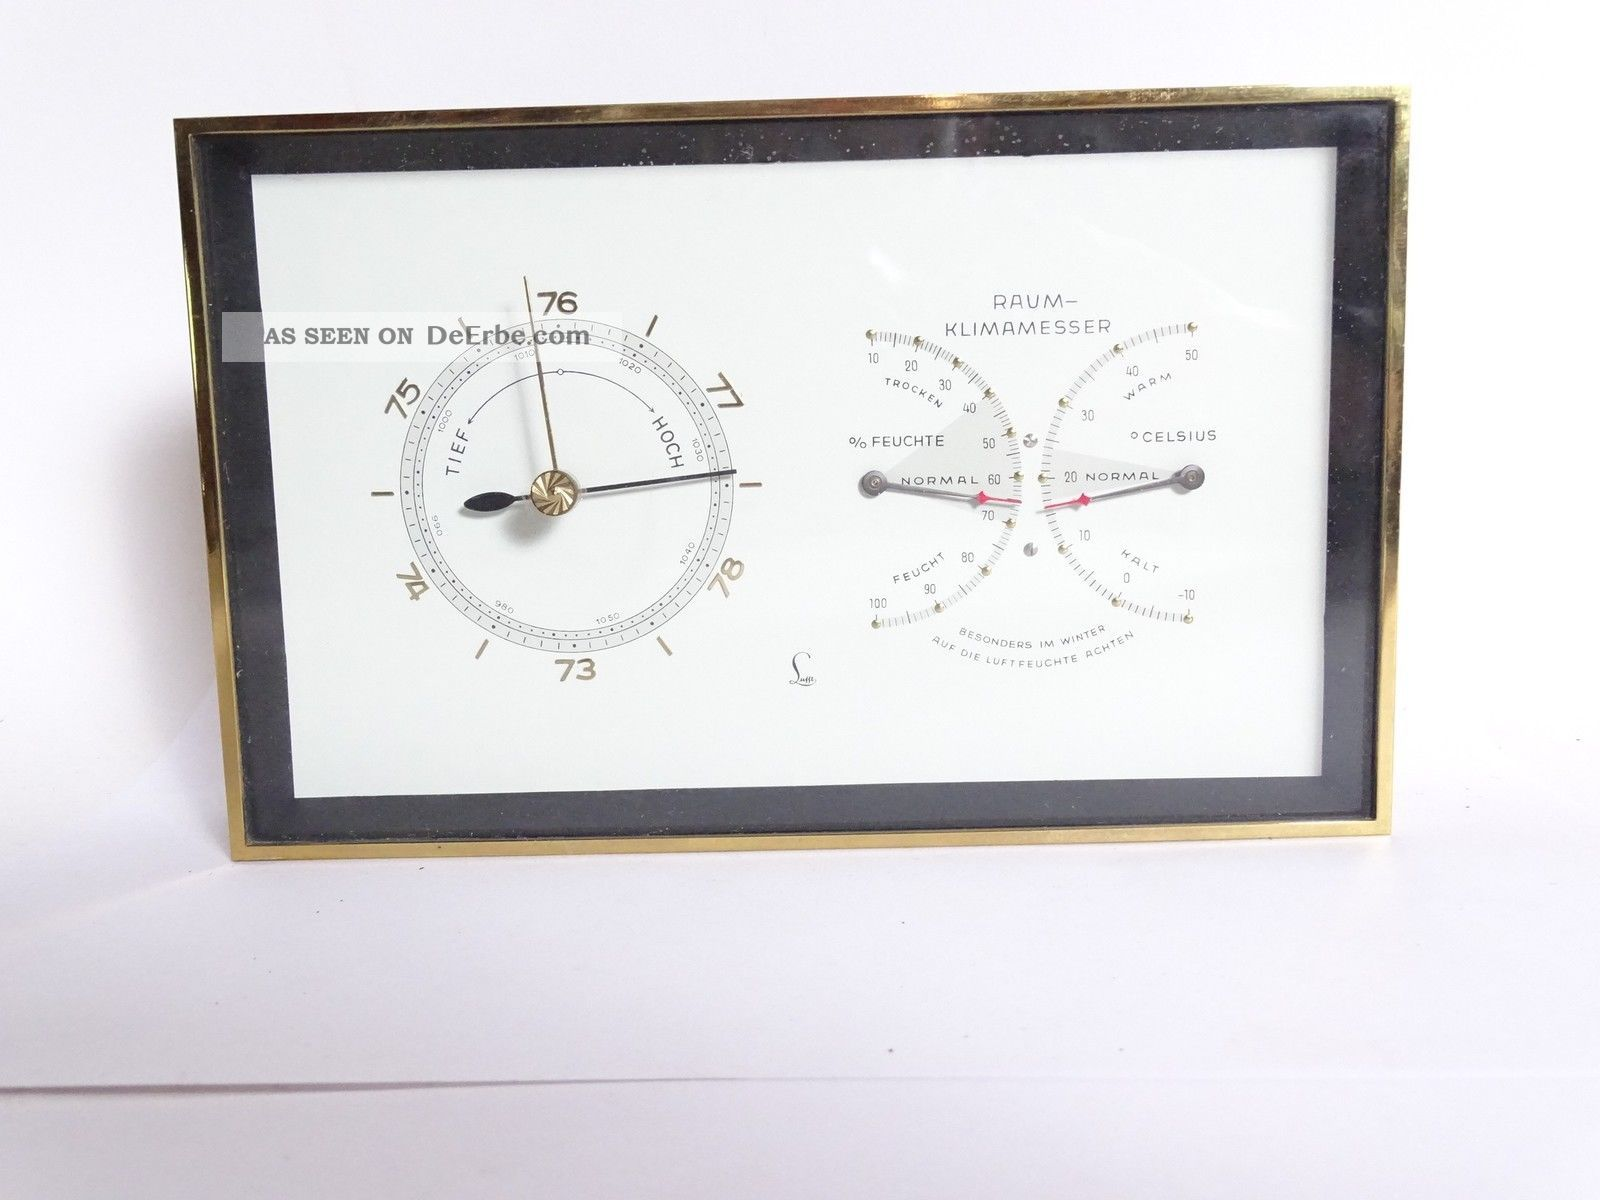 50 Jahre Rarität Seltener Lufft Raummesser Thermo Hygro Und Barometer Mollenkopf Wettergeräte Bild